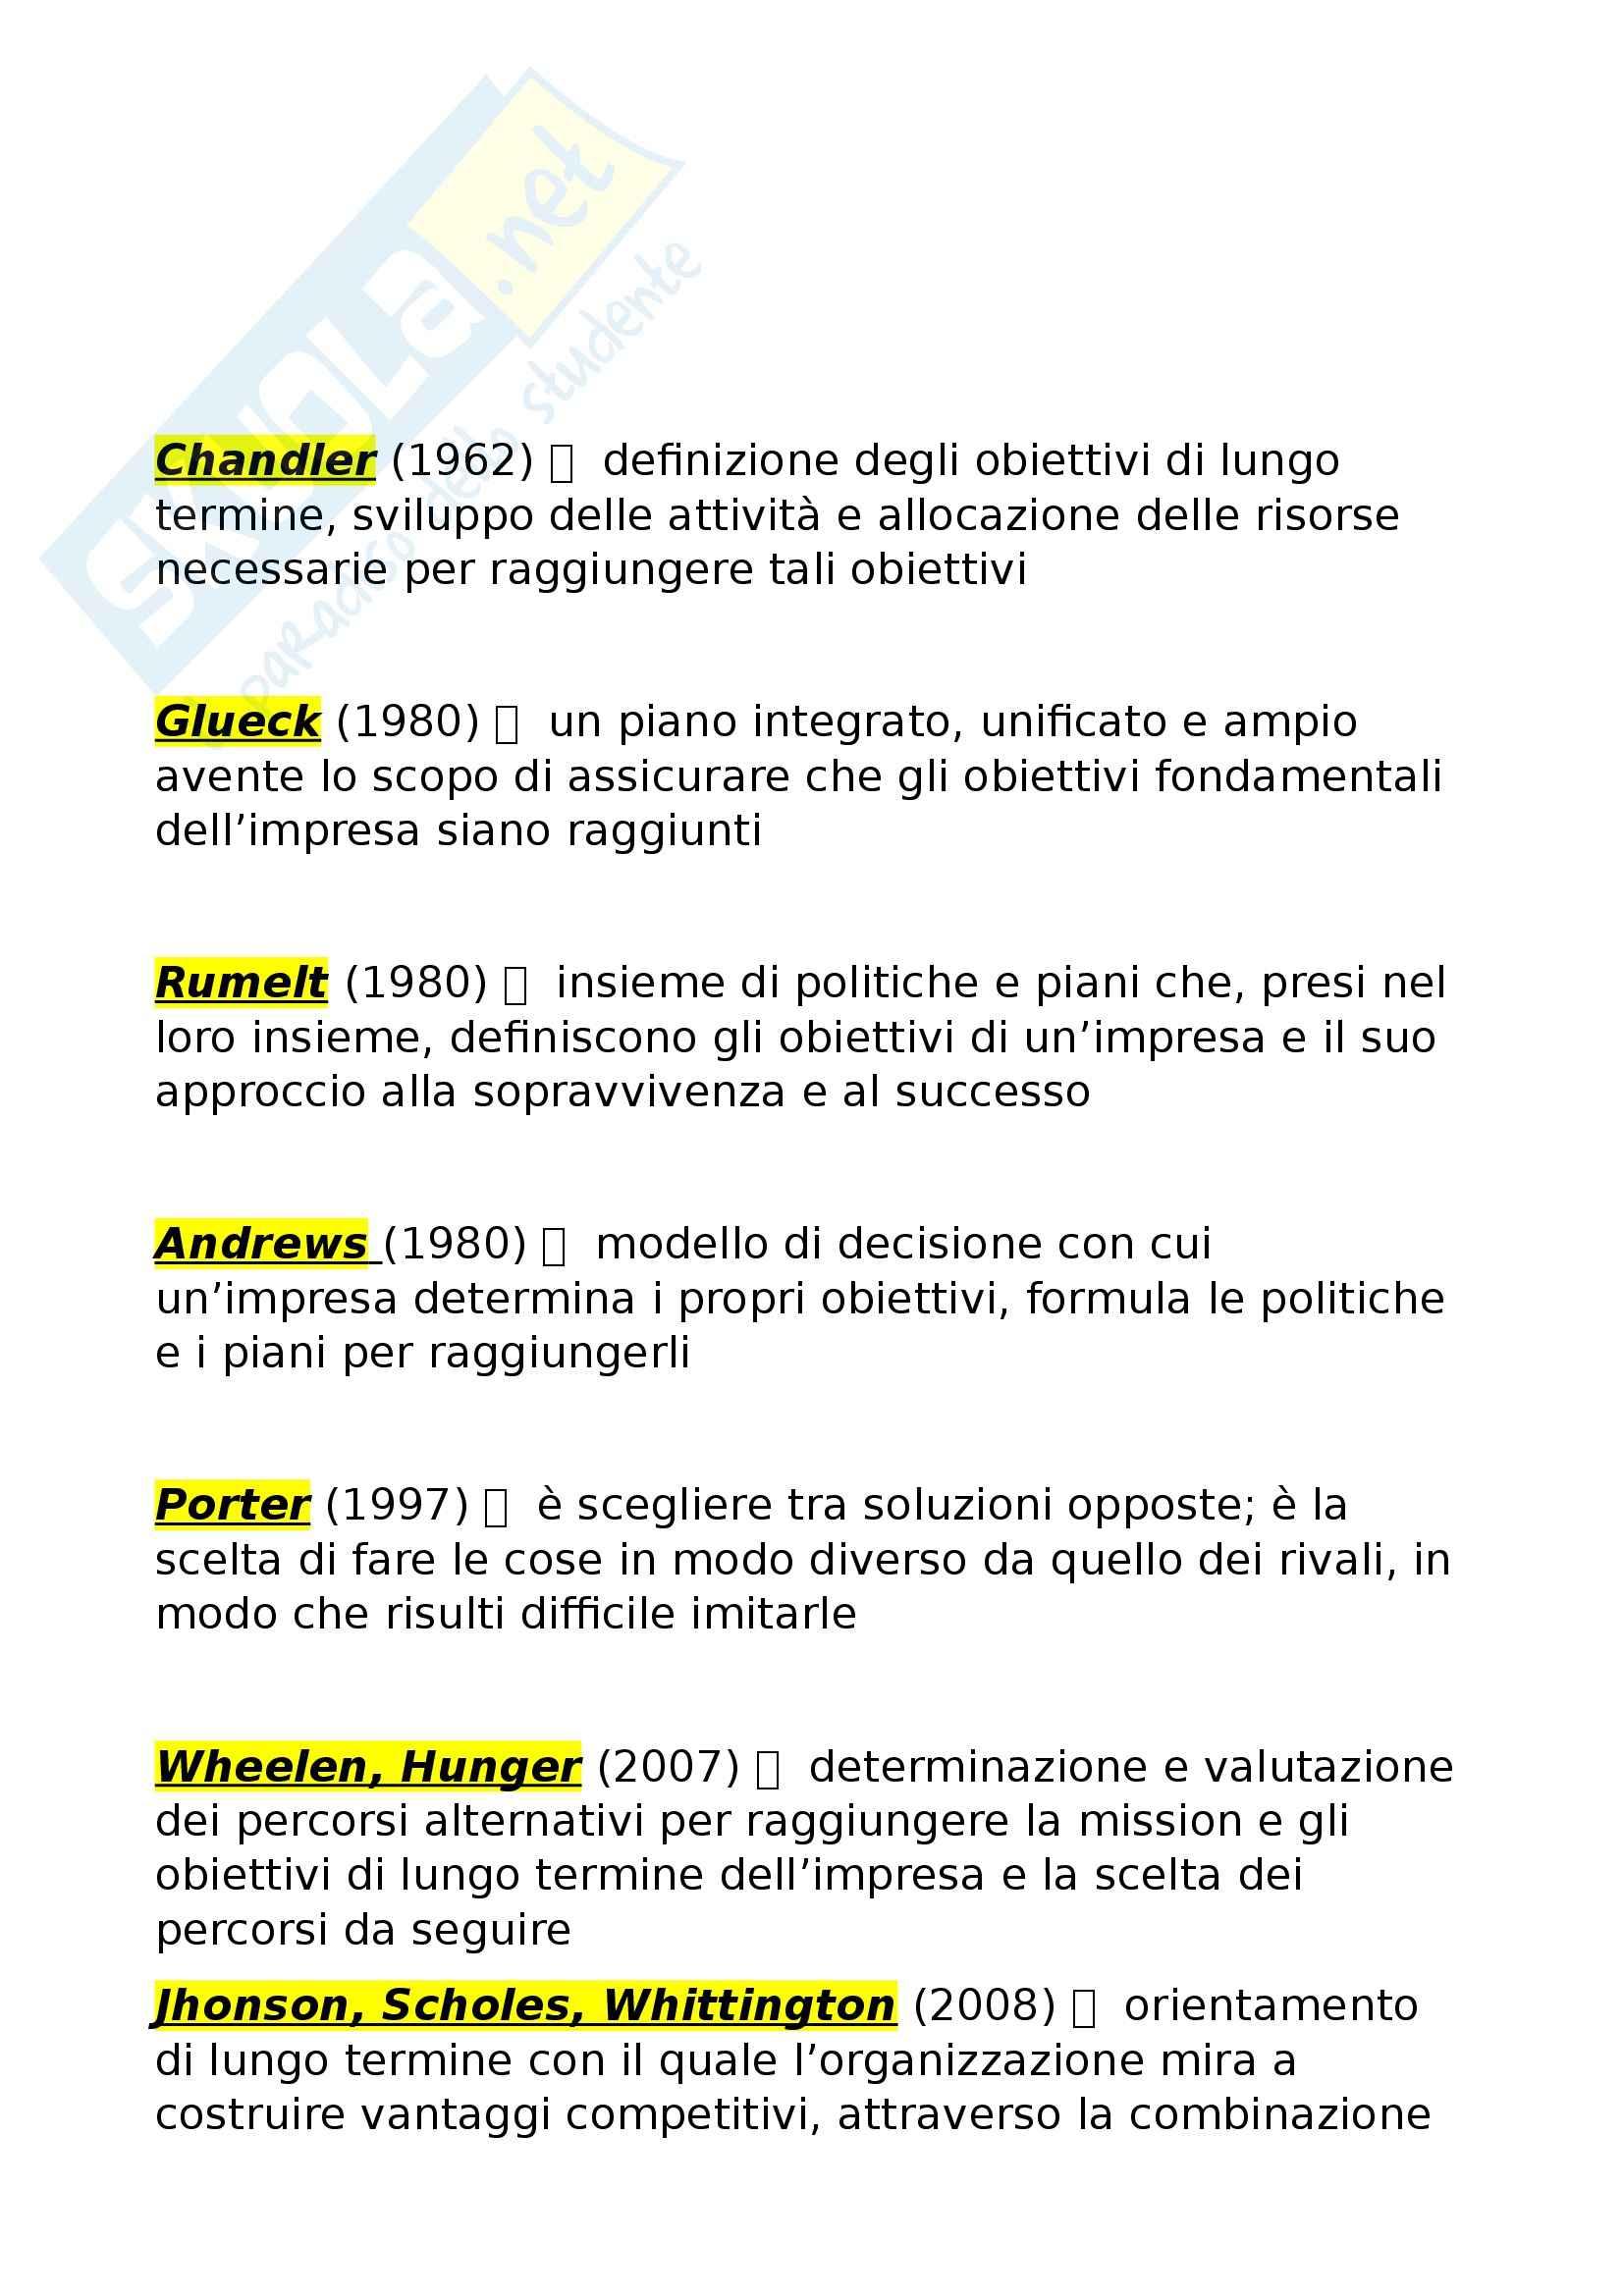 Riassunto esame Economia e gestione delle imprese, prof. Miglietta, libro consigliato Strategie d'impresa, Pellicelli